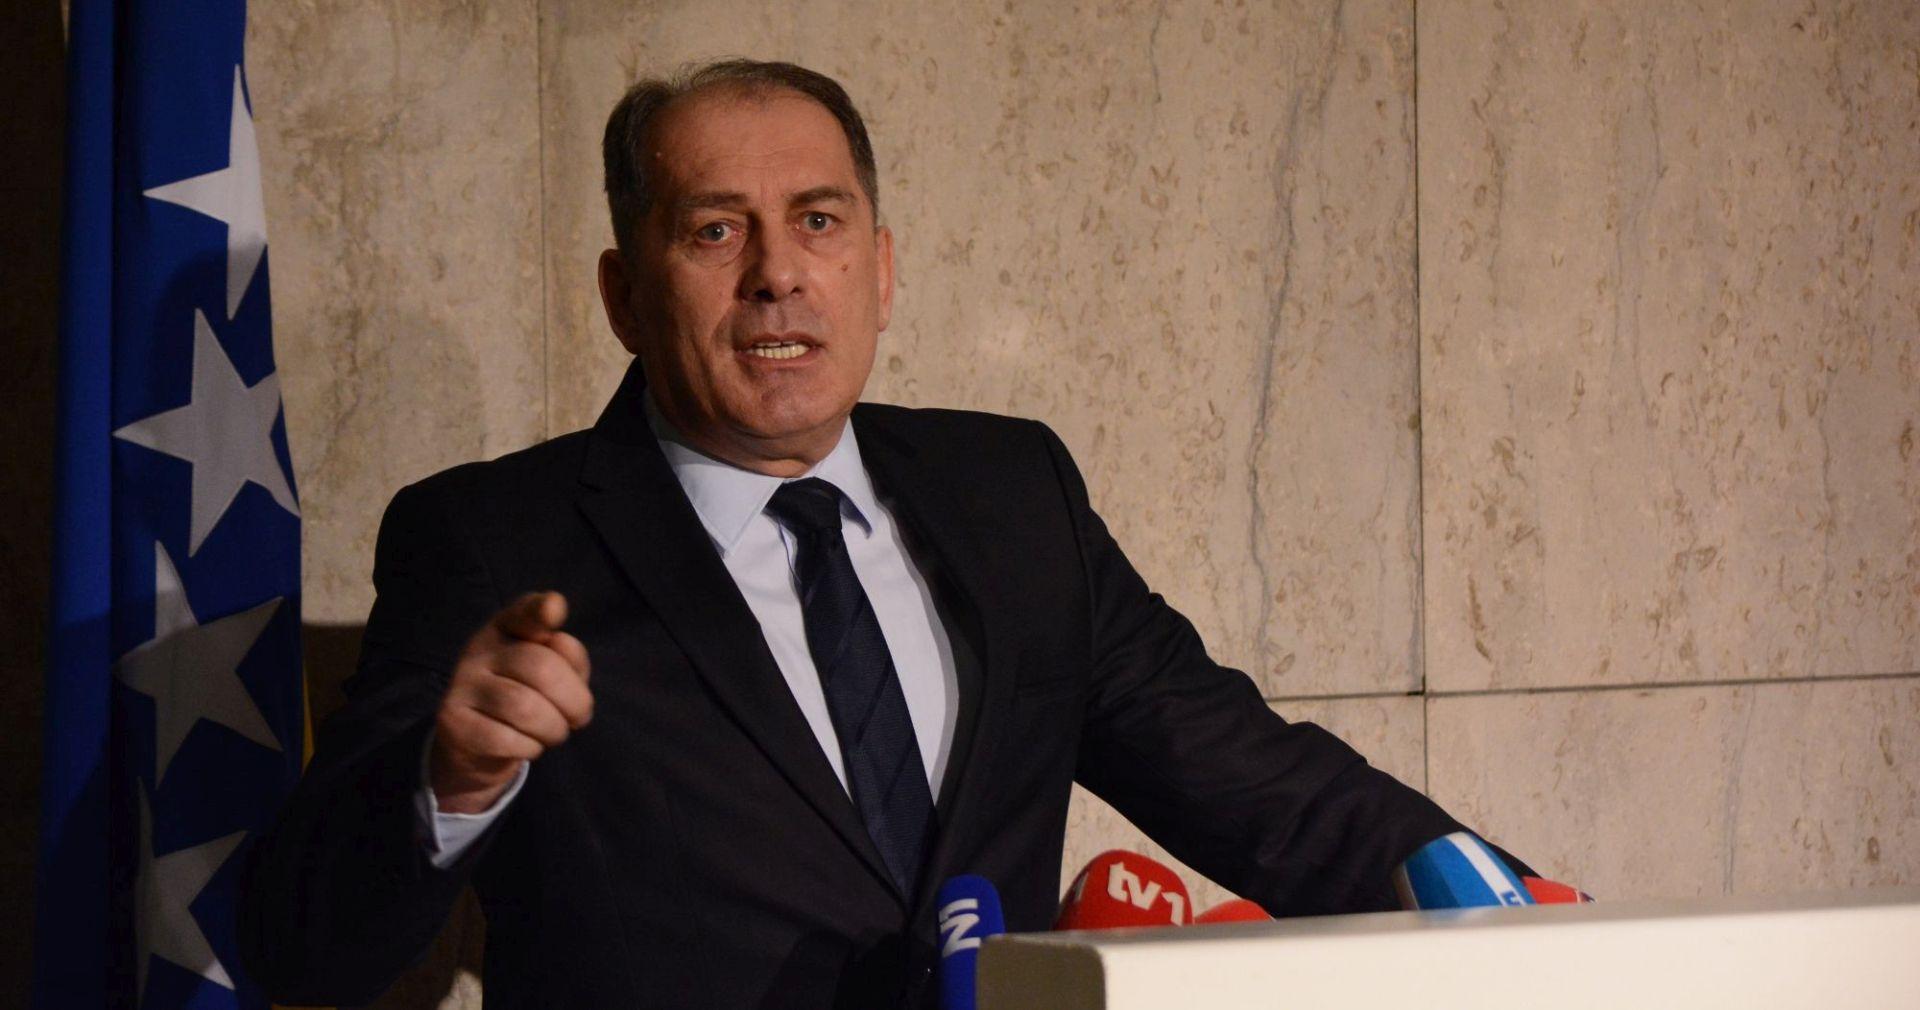 'Dodik kupuje oružje radi obračuna s političkim protivnicima, a ne teroristima'